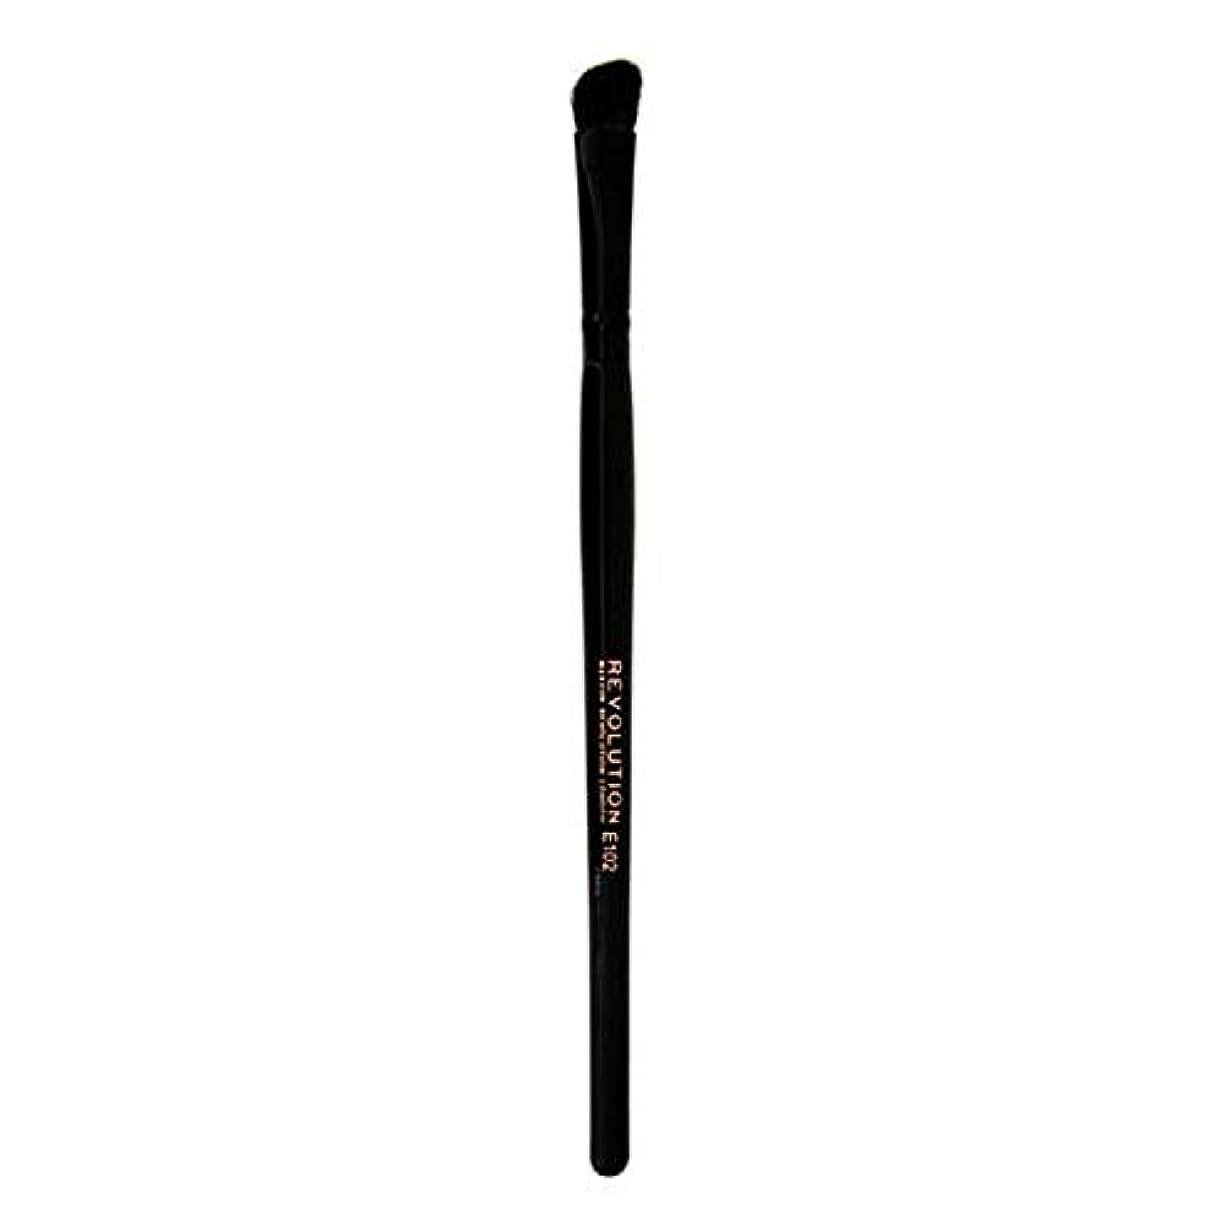 顔料毒性永久[Revolution ] 革命プロE102アイシャドウの輪郭メイクブラシ - Revolution Pro E102 Eyeshadow Contour Makeup Brush [並行輸入品]